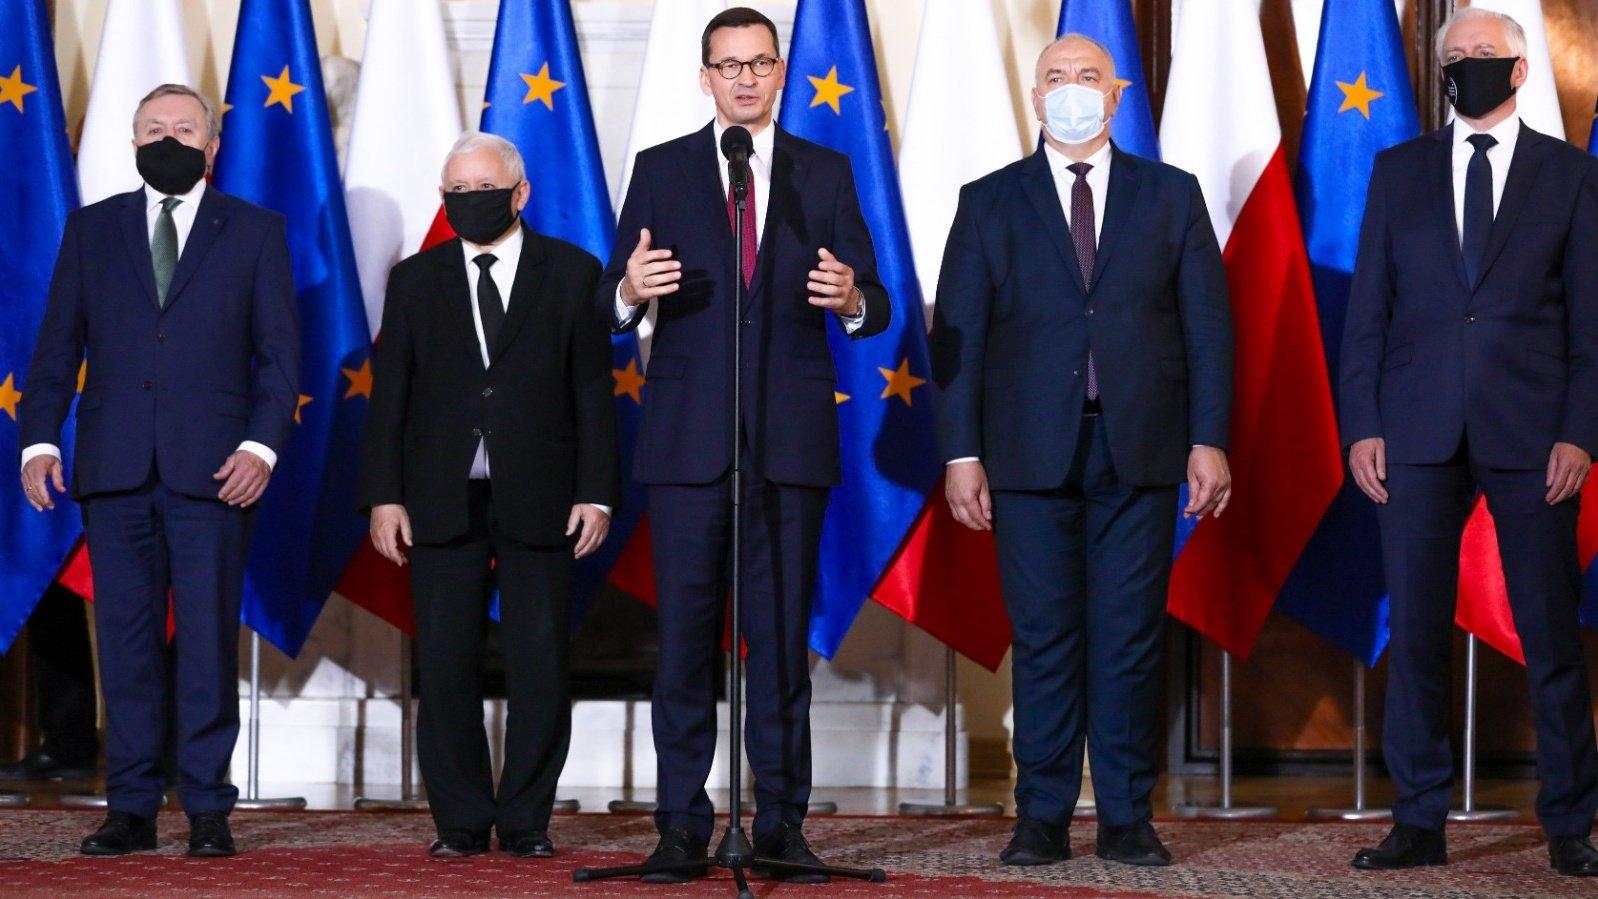 Premier przedstawił nowy skład rządu  - KPRM